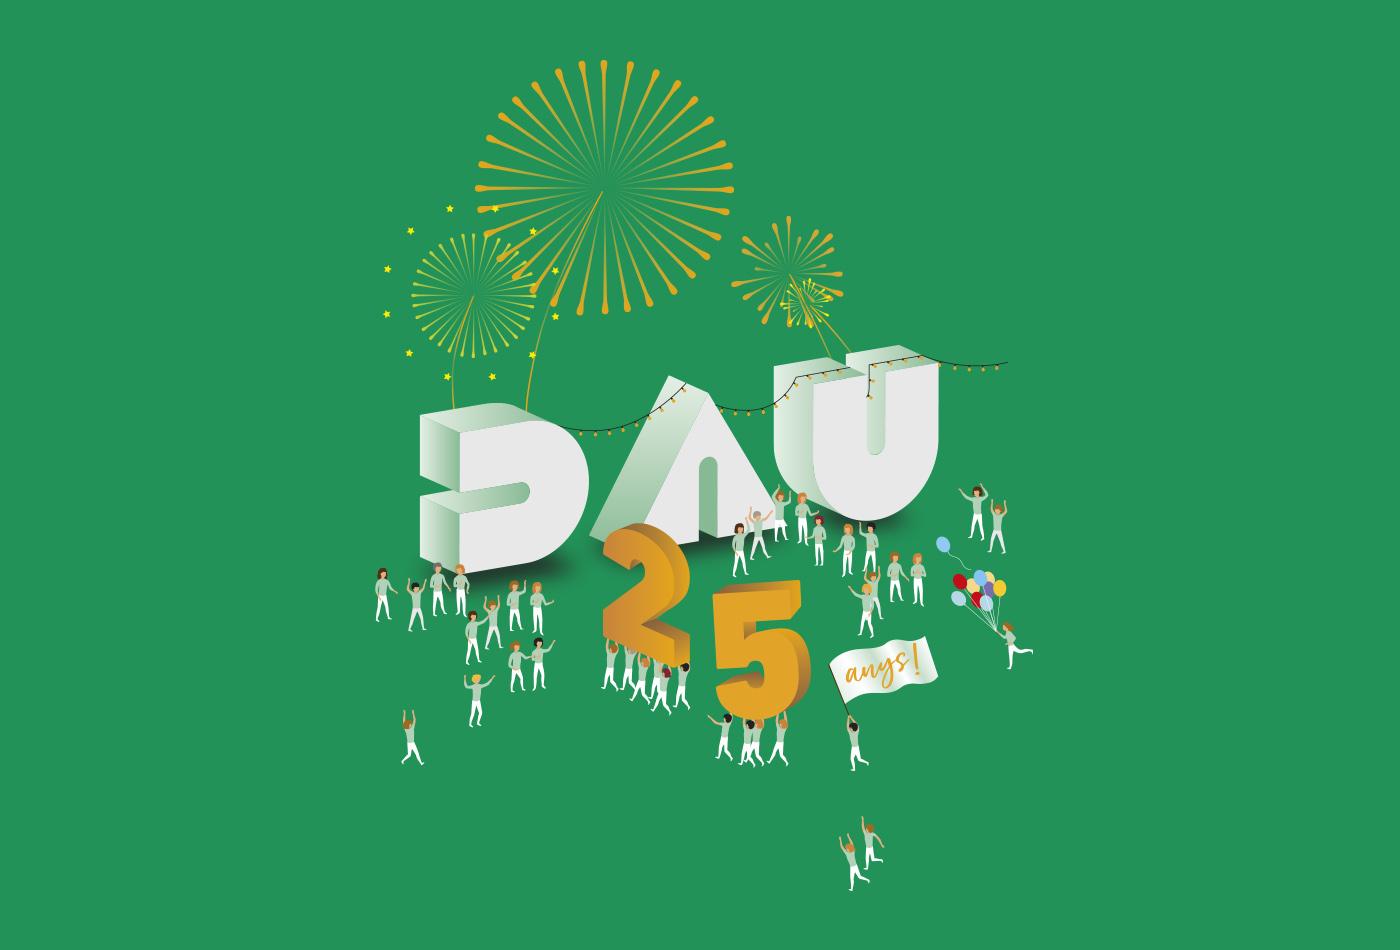 ilustración Fundación Dau